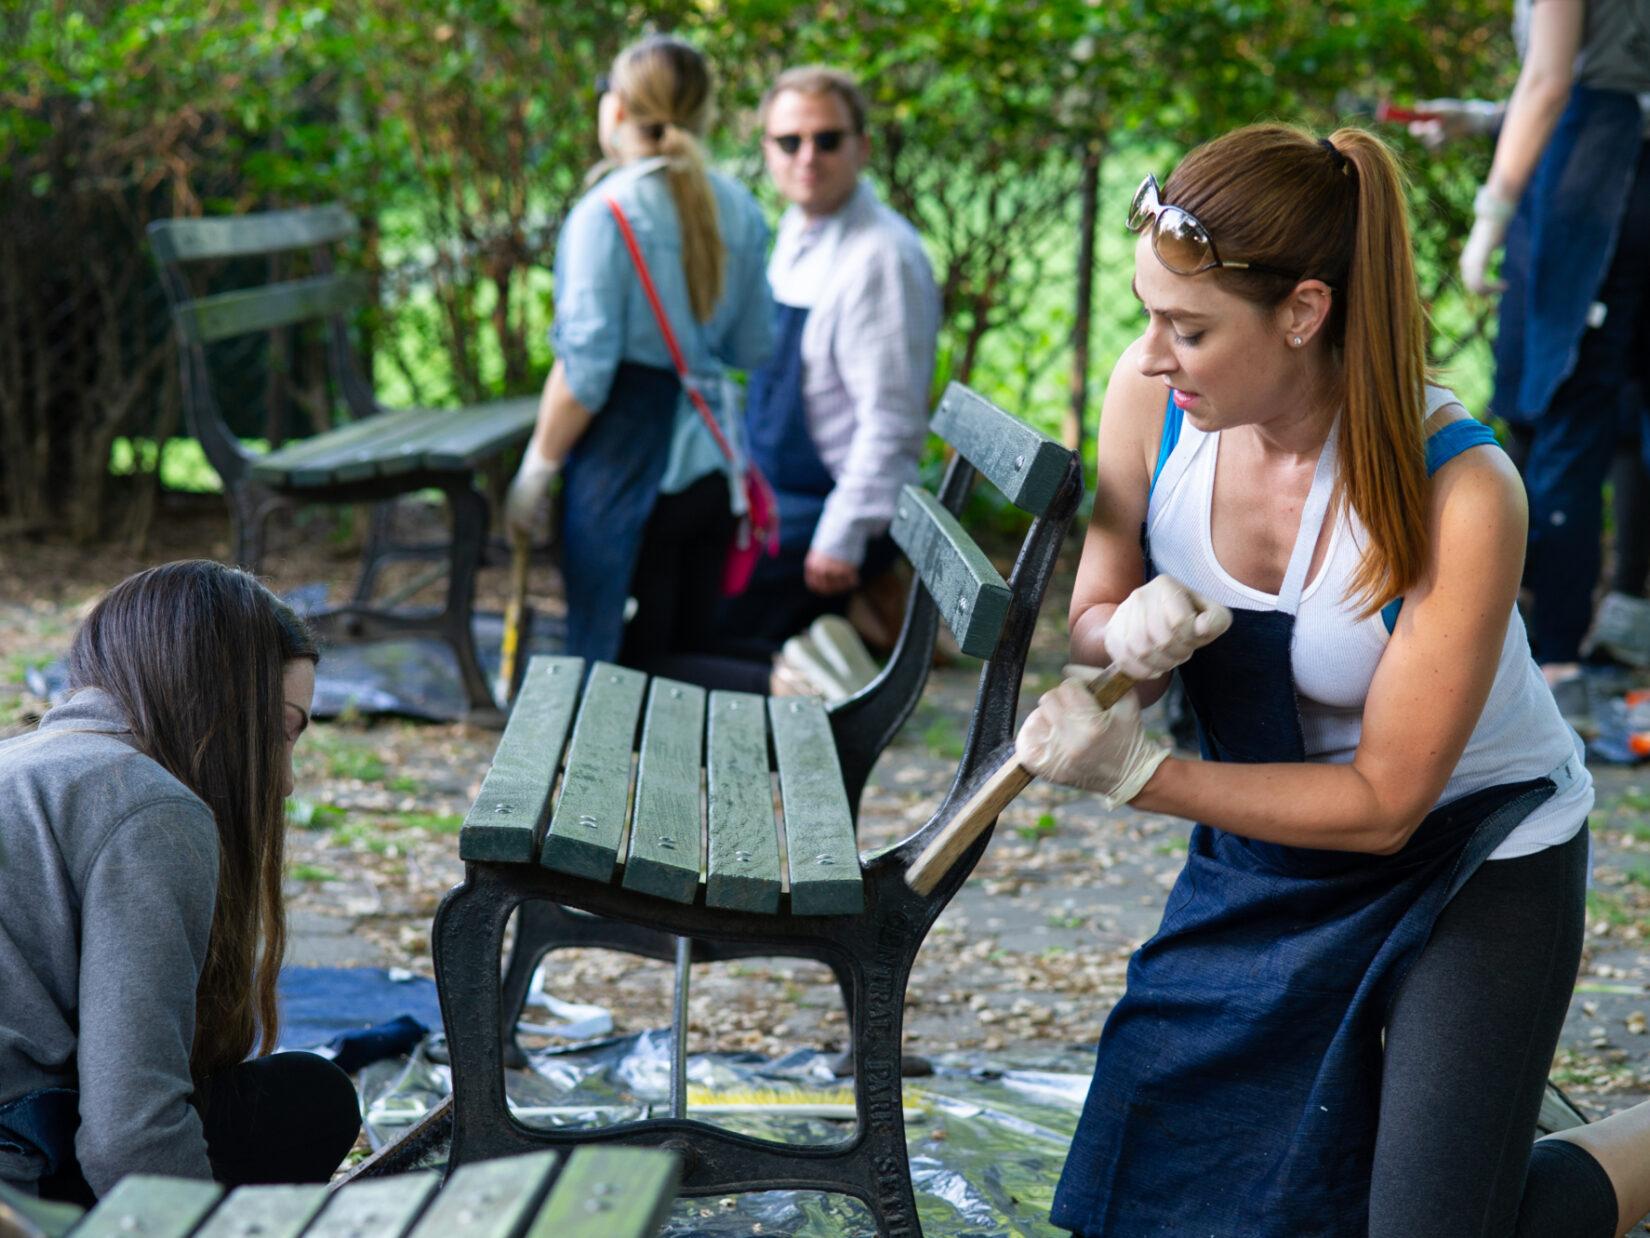 Seasonal volunteers help out refurbishing park benches